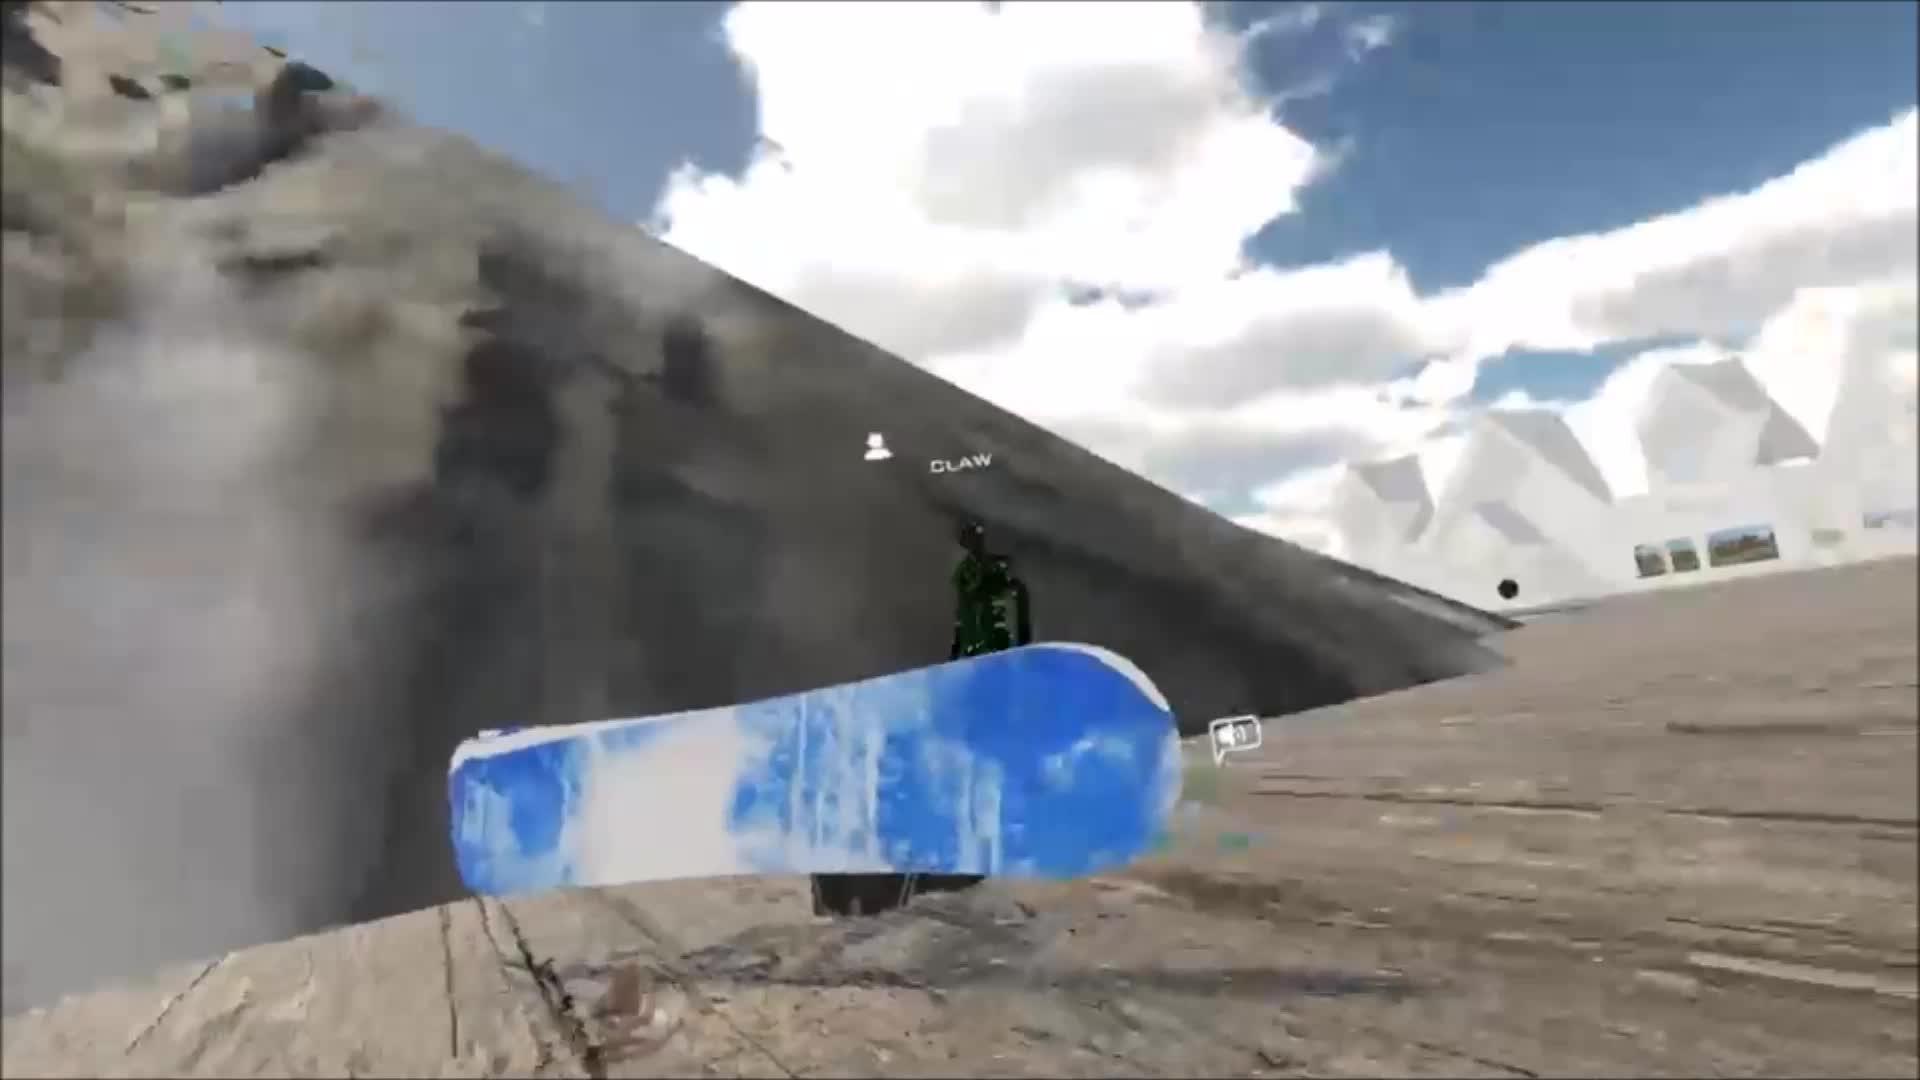 deeprifter snowboarding GIFs